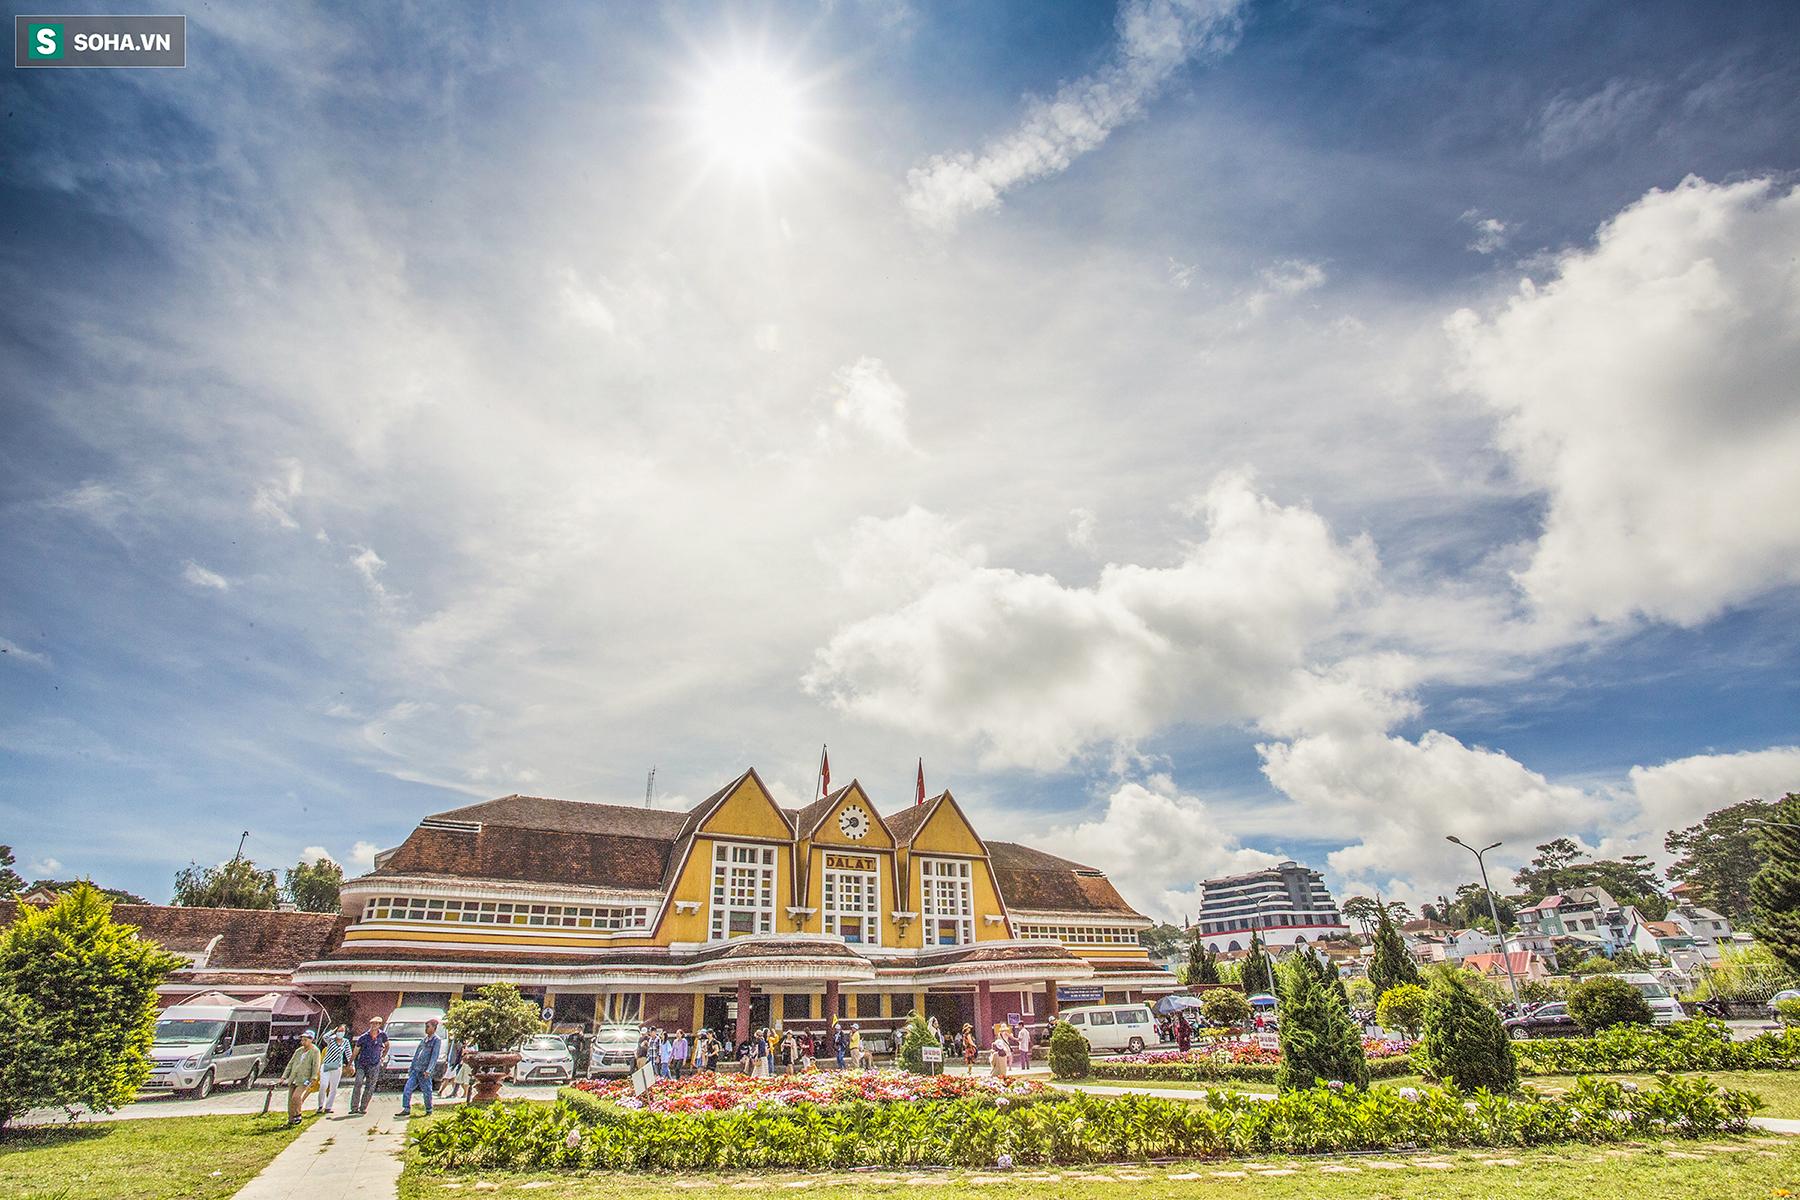 Vẻ đẹp cổ kính của ga tàu hoả gần 100 tuổi ở Đà Lạt nhìn từ trên cao - Ảnh 1.